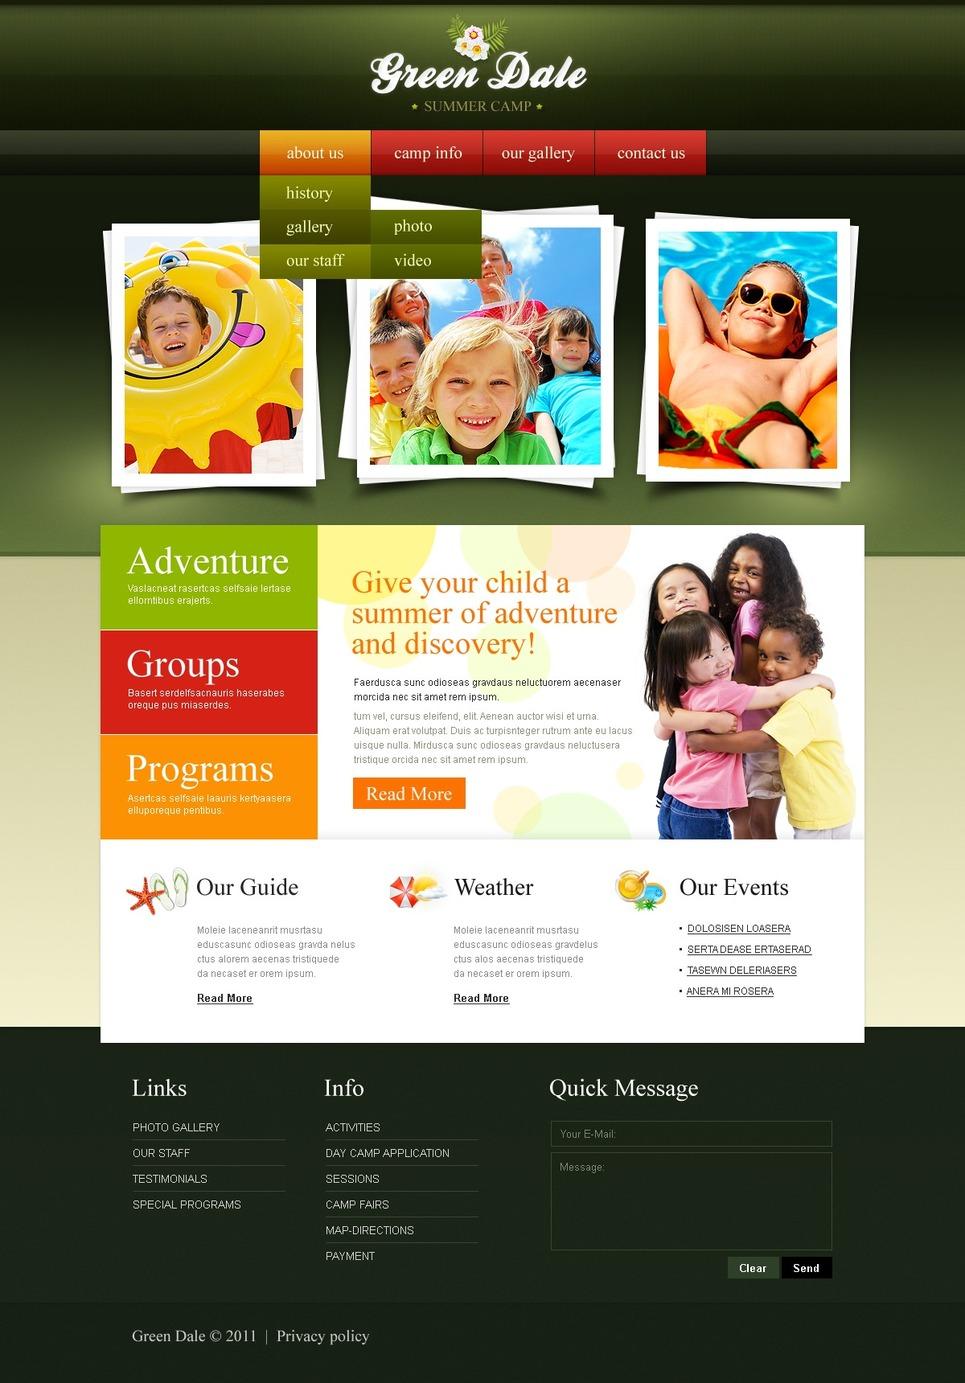 Summer Camp Website Template New Screenshots BIG